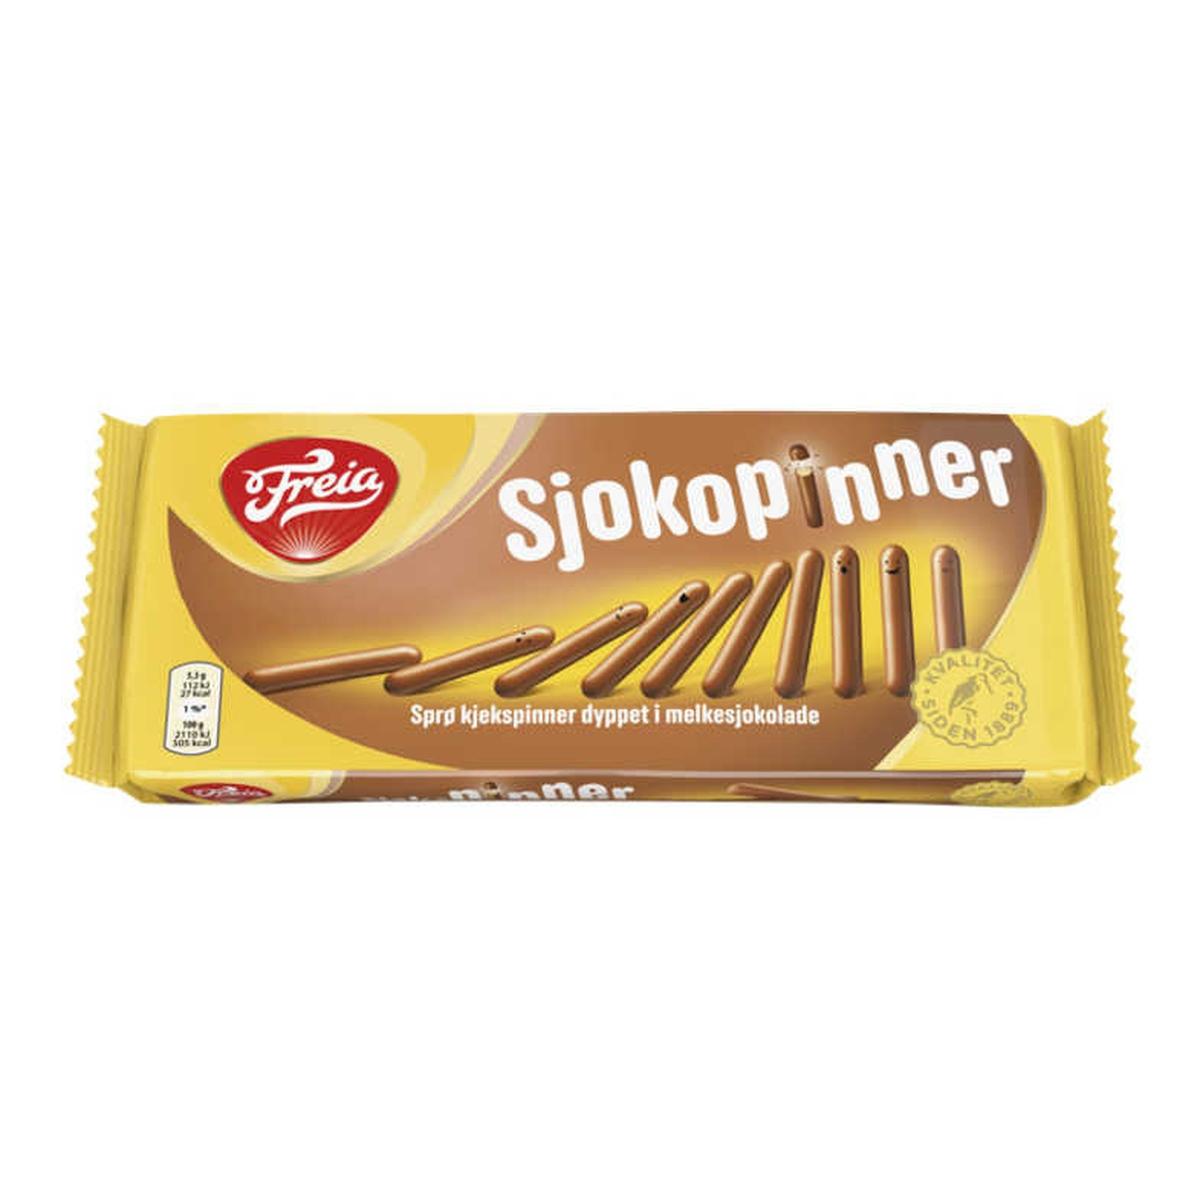 Freia Sjokopinner 144g